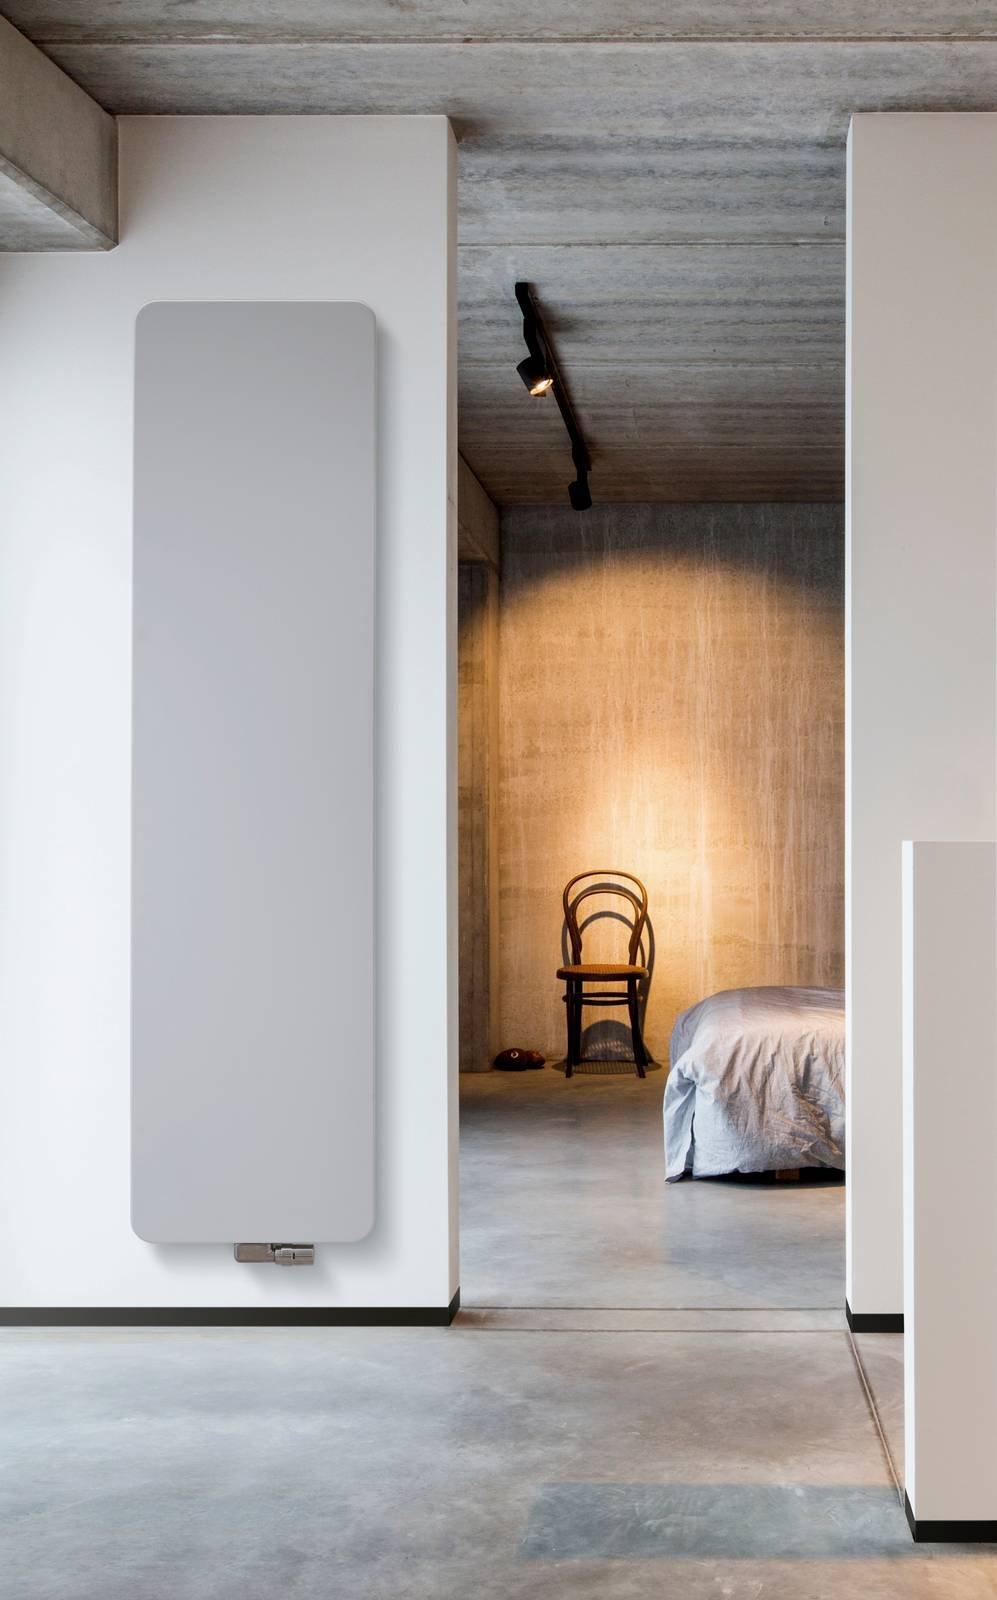 Termoarredo Da Salotto Prezzi termoarredo: tra estetica e funzione, le proposte dal design